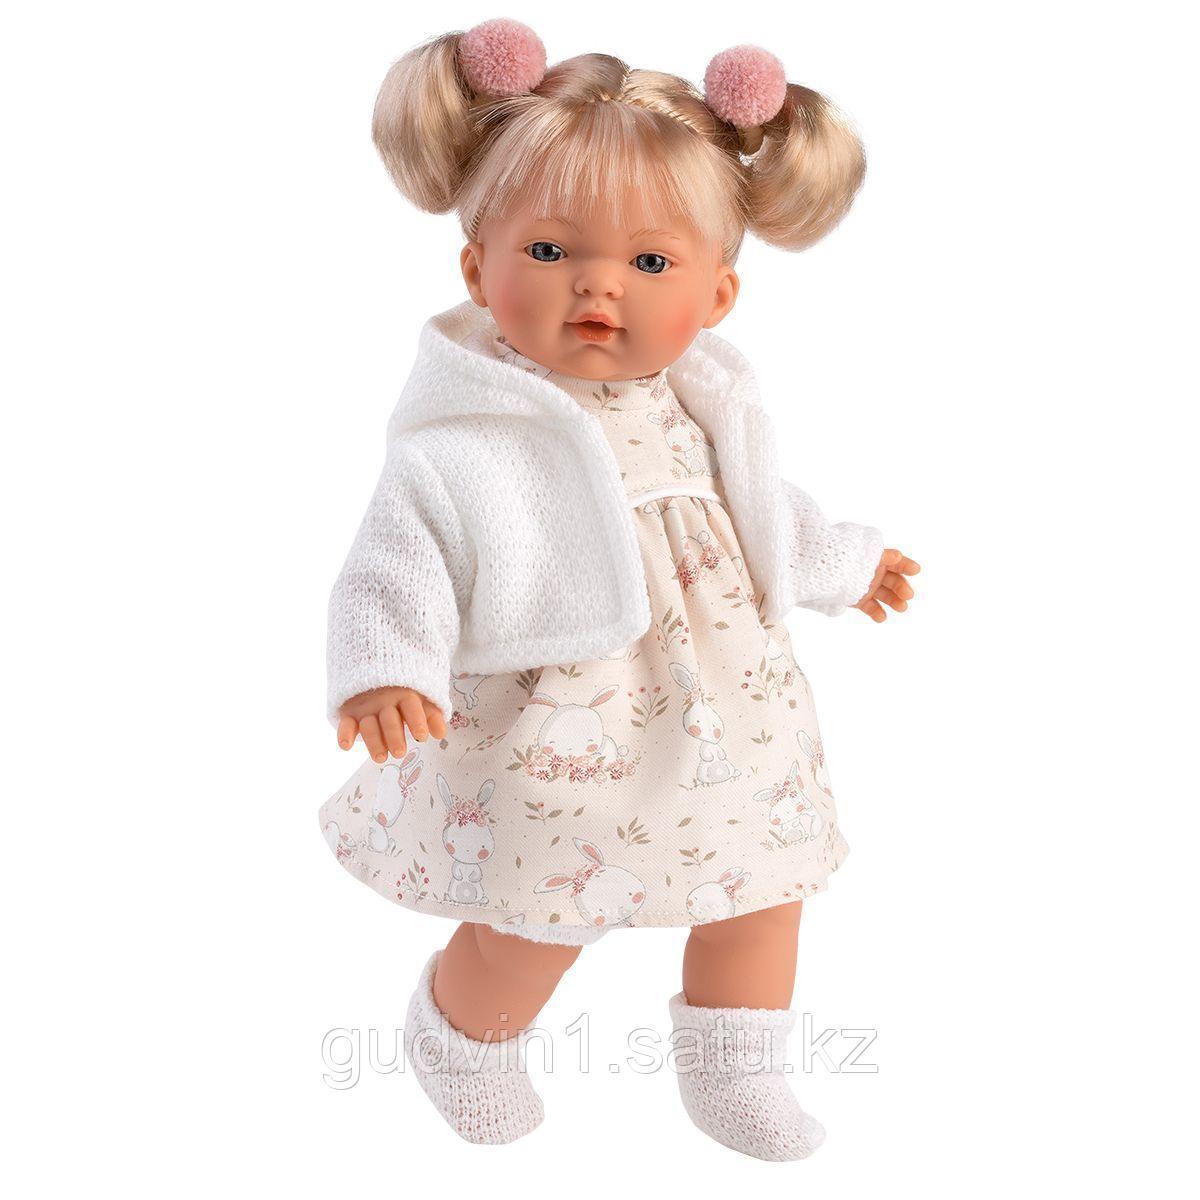 LLORENS: Кукла Роберта 33 см., блондинка в белом жакете 33116